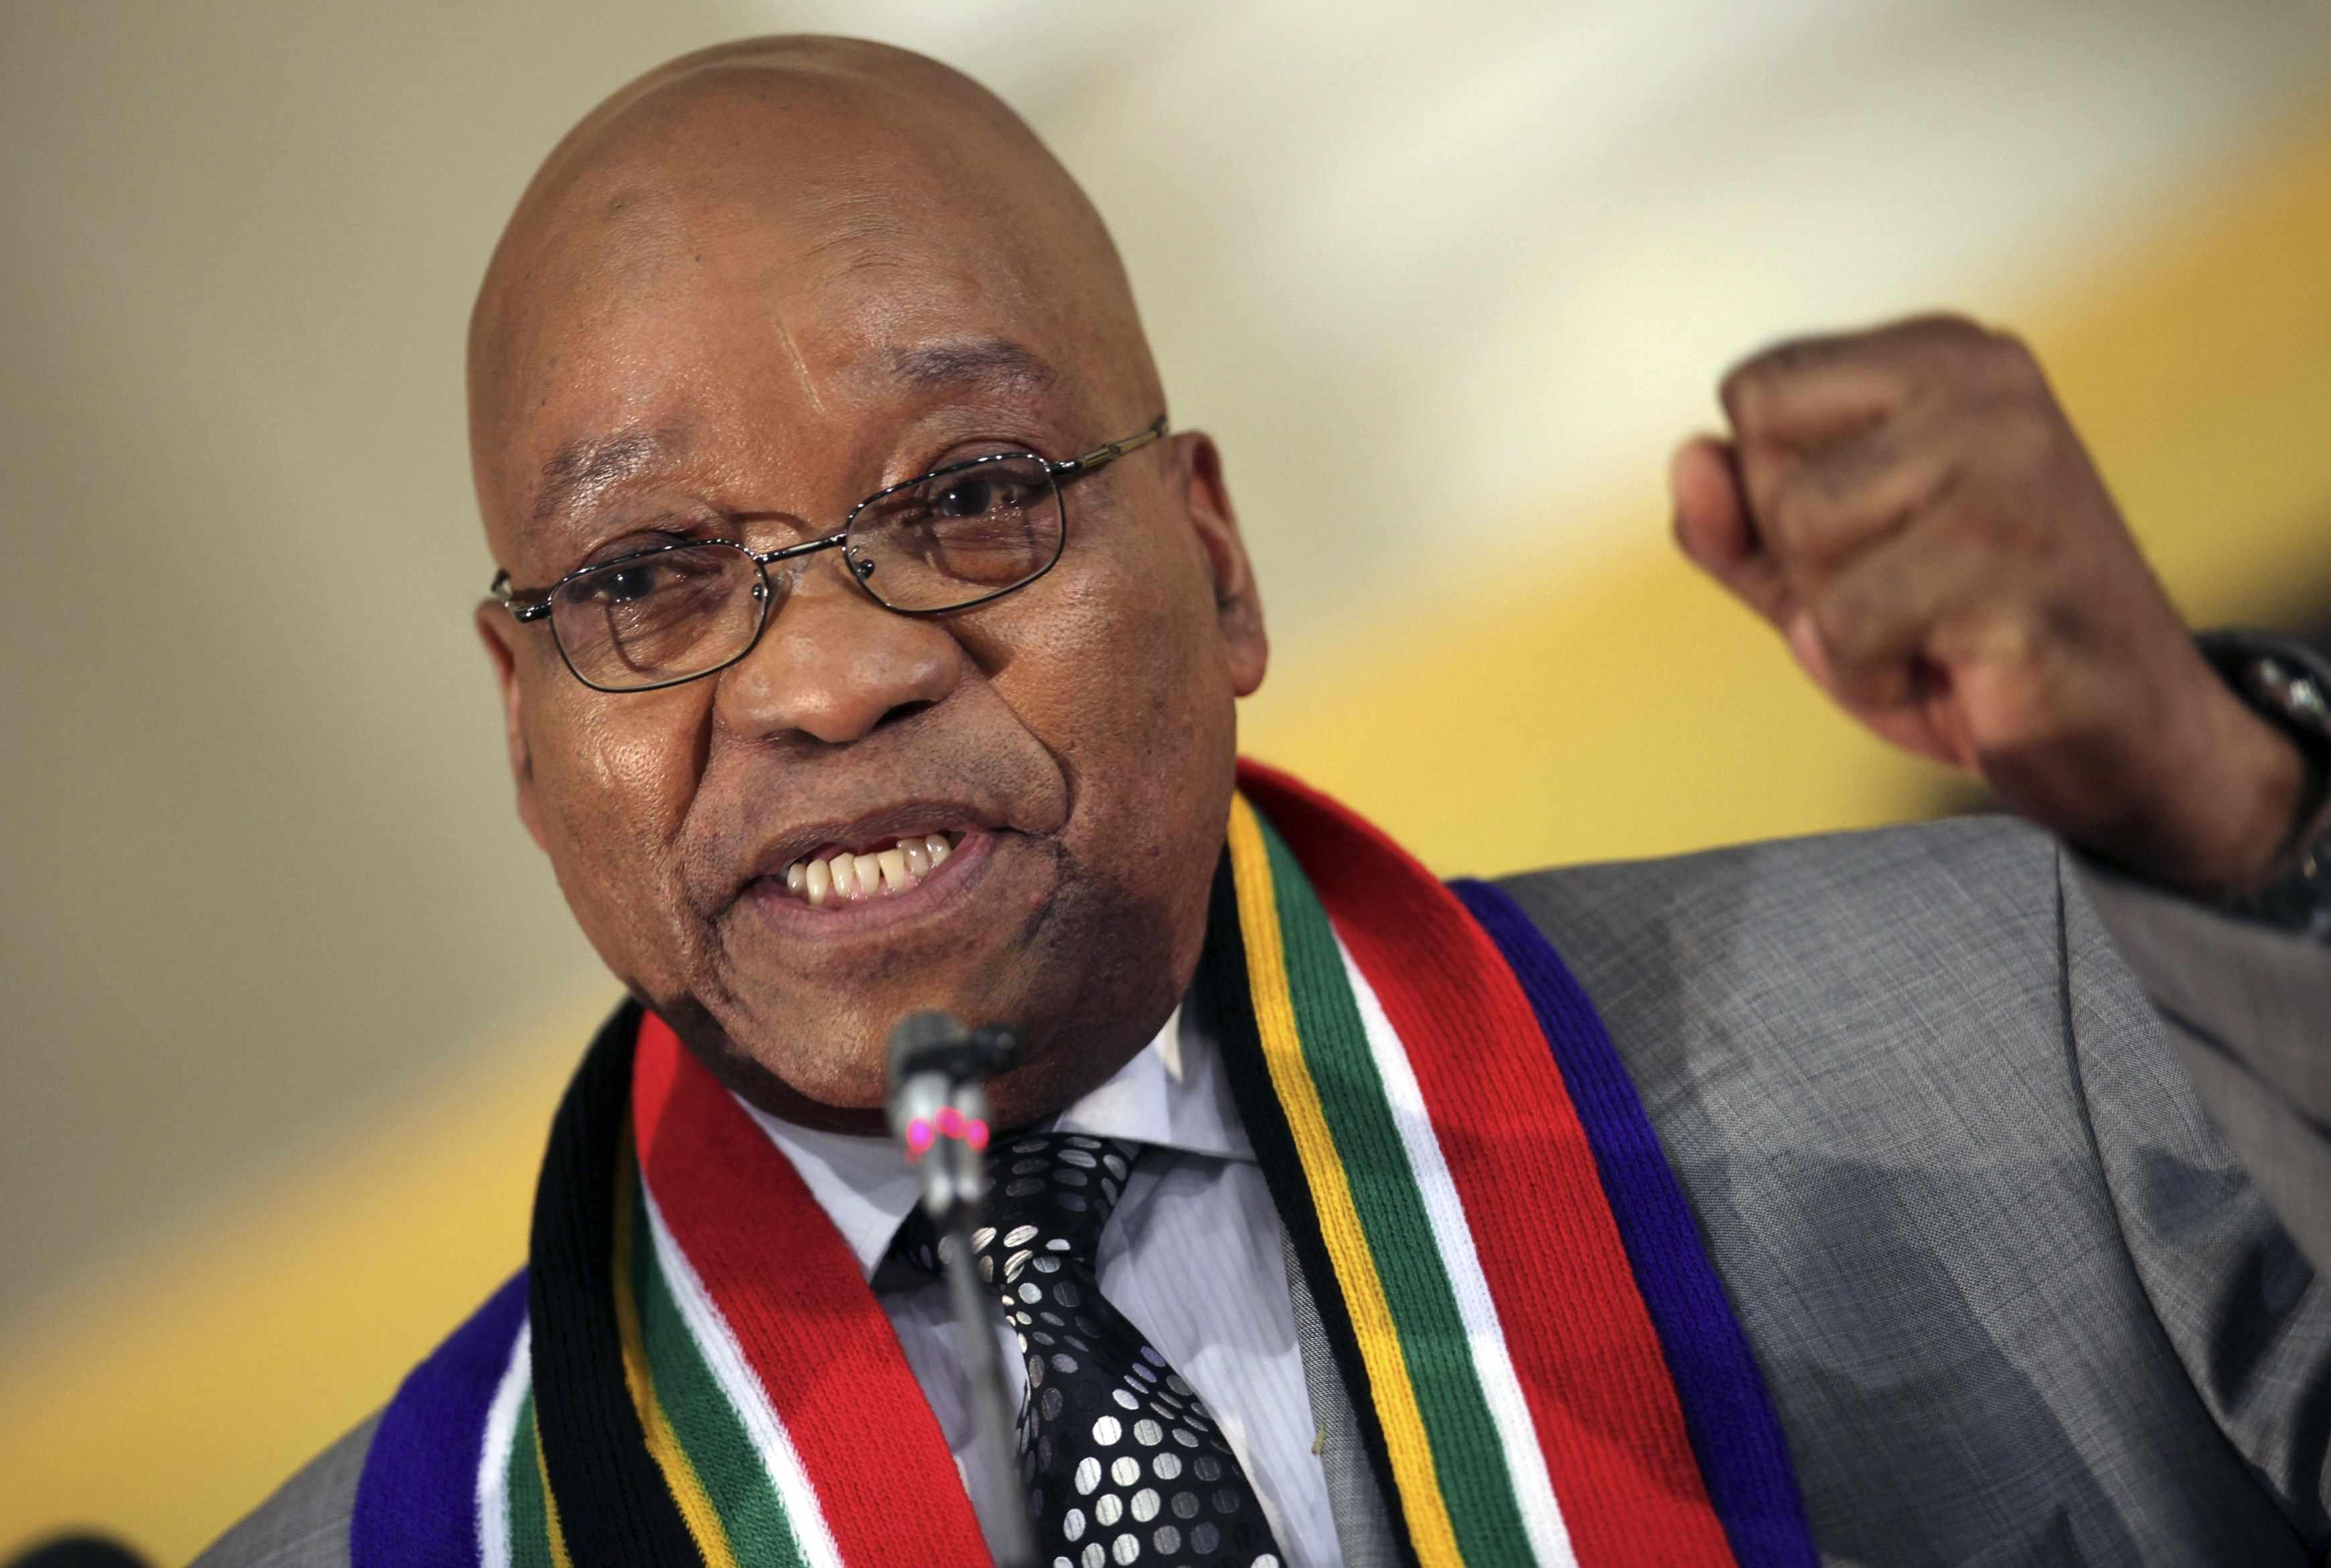 Le coup de force de Jacob Zuma